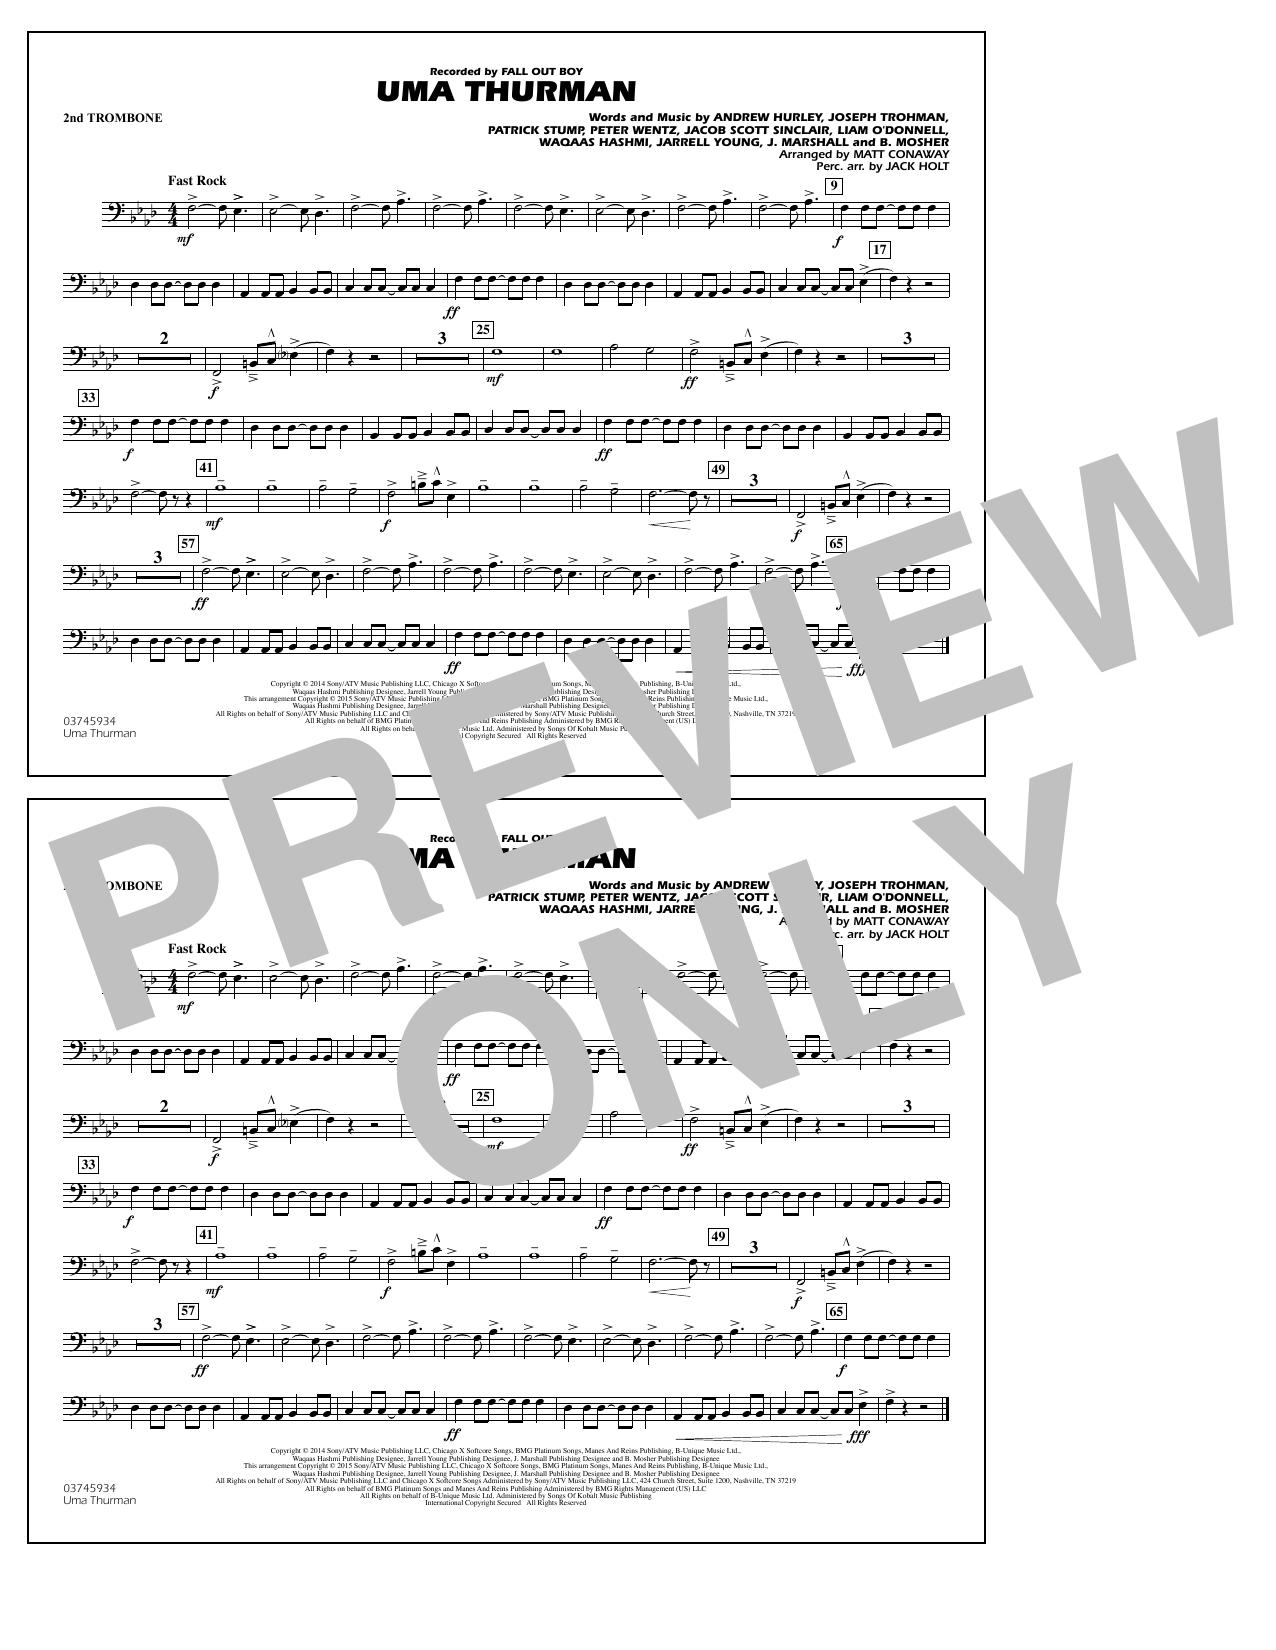 Uma Thurman - 2nd Trombone (Marching Band)